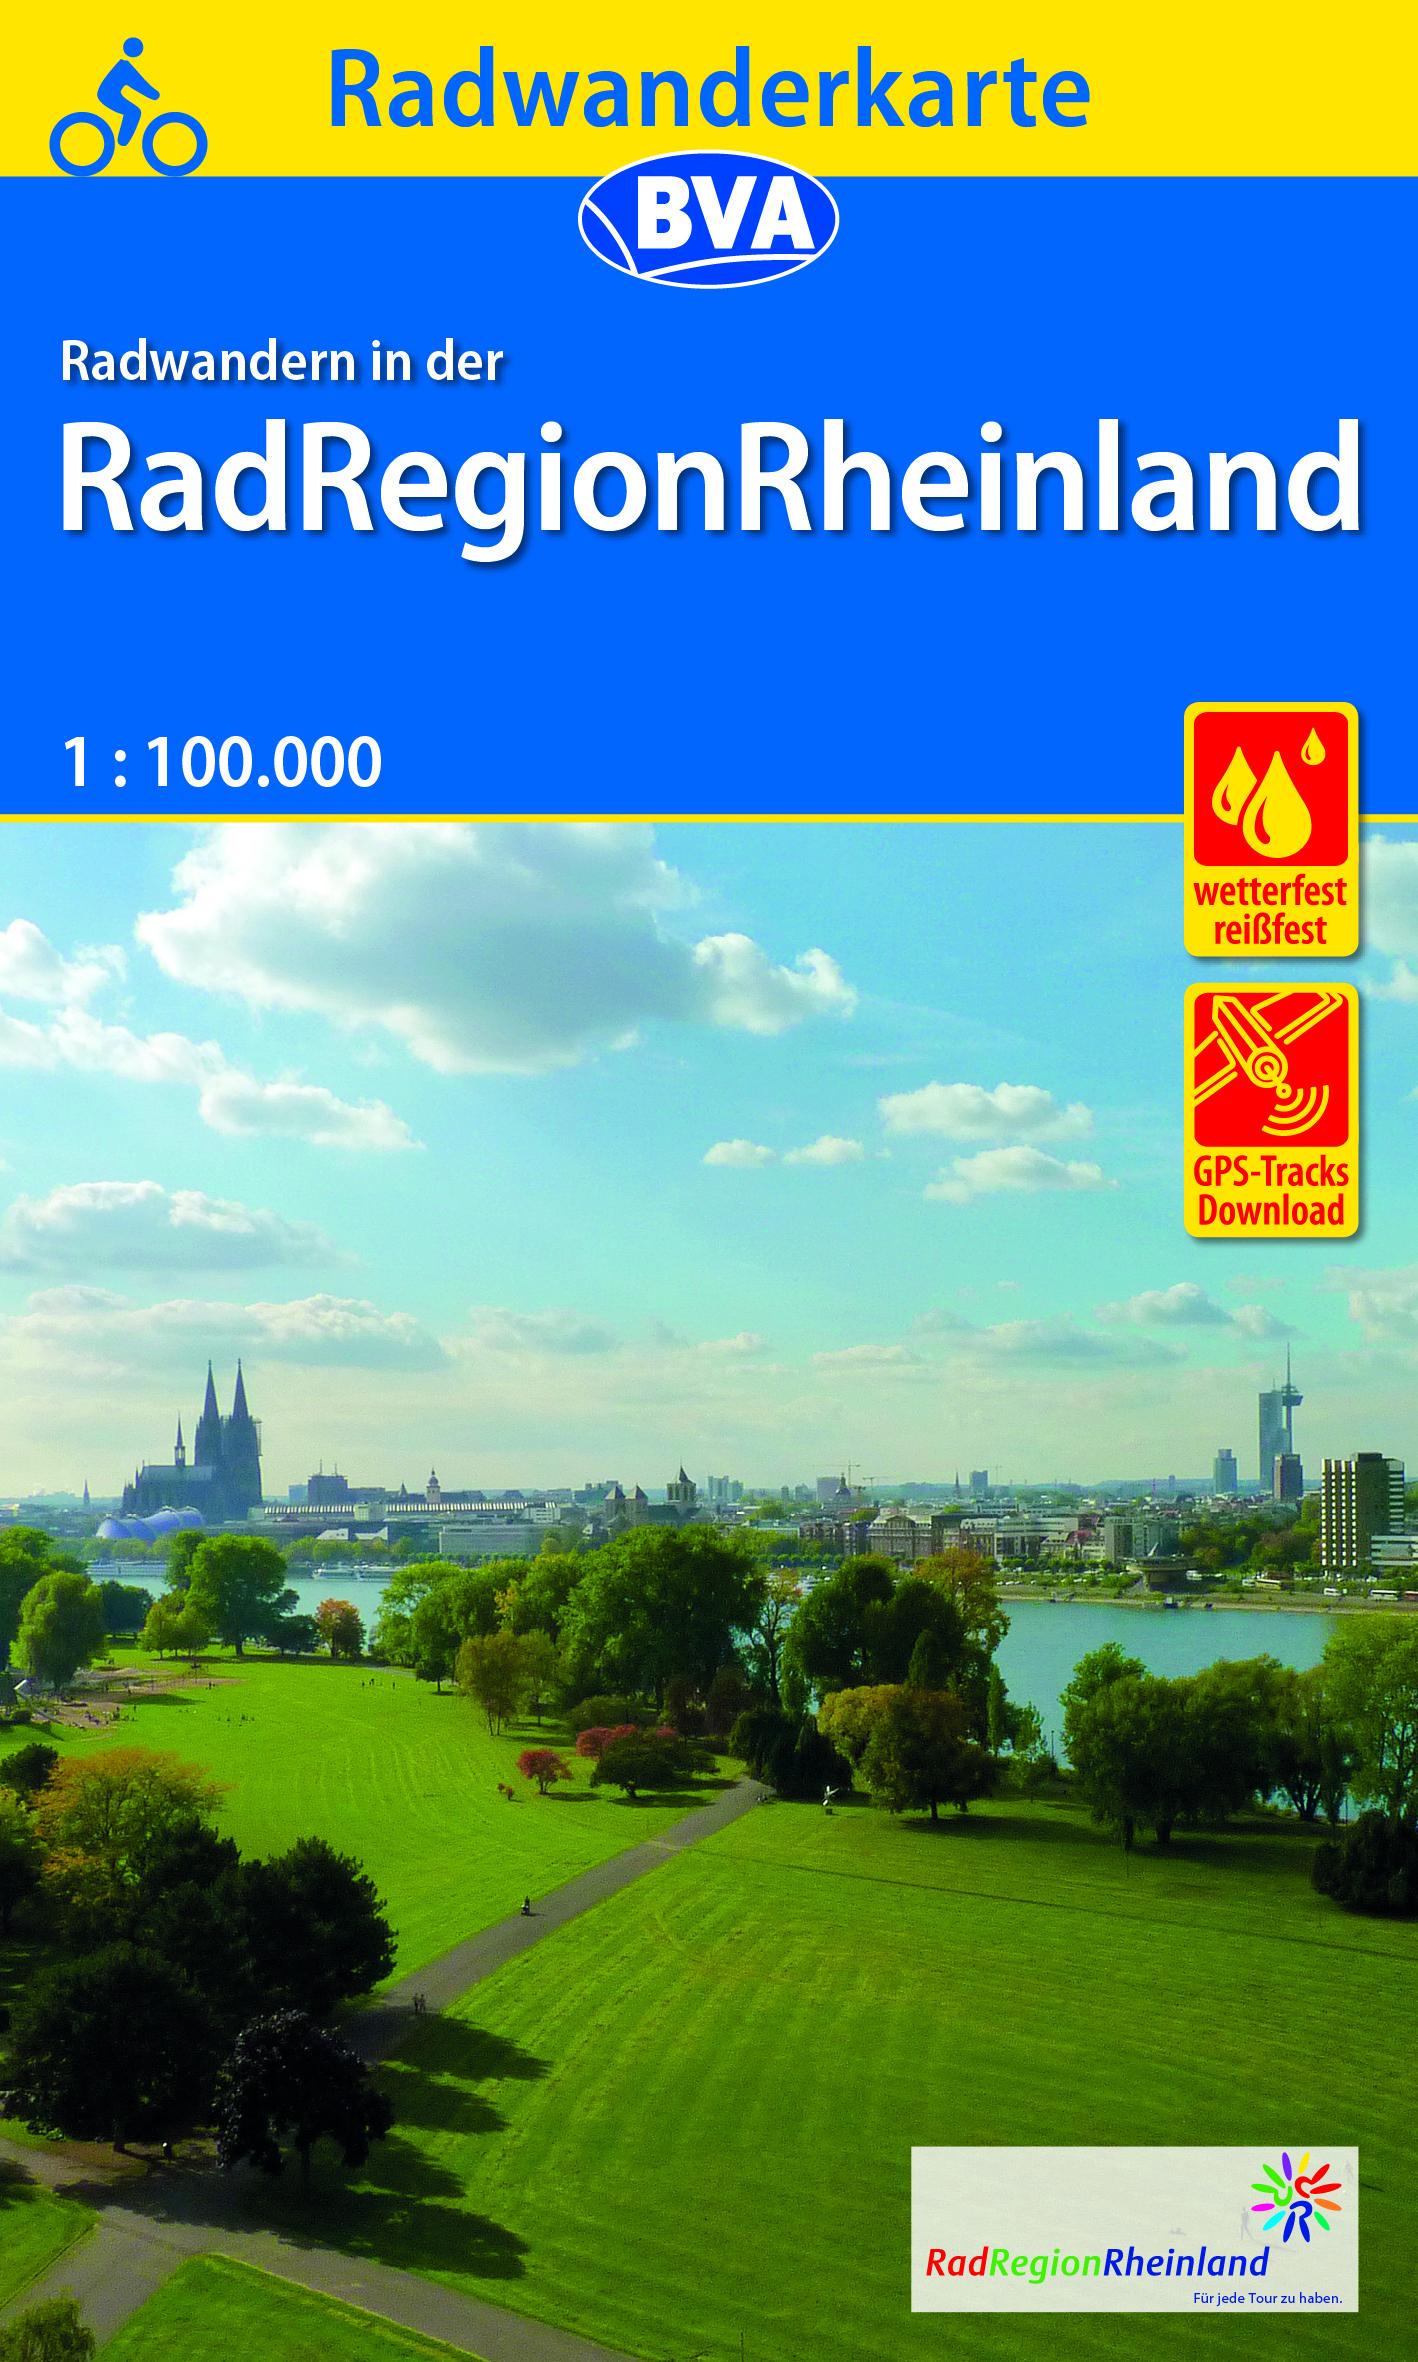 Radwanderkarte BVA Radwandern in der RadRegionRheinland 1:100.000